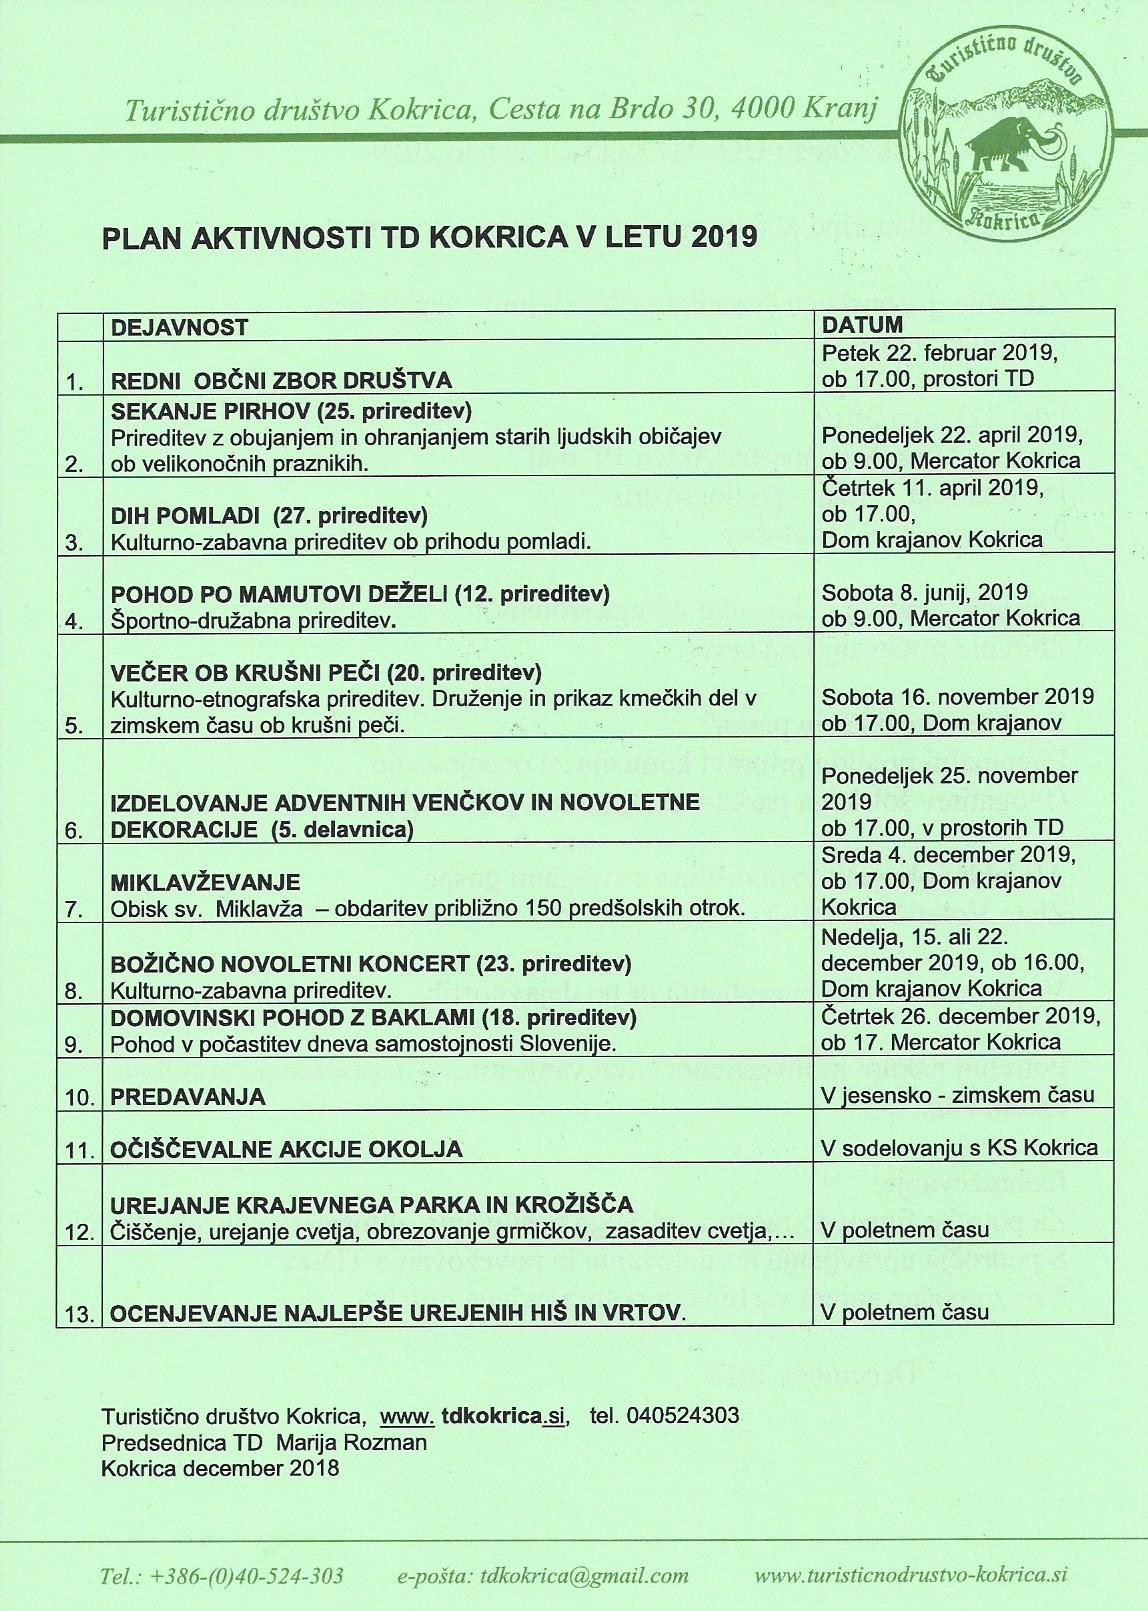 plan aktivnosti 2019 (1)